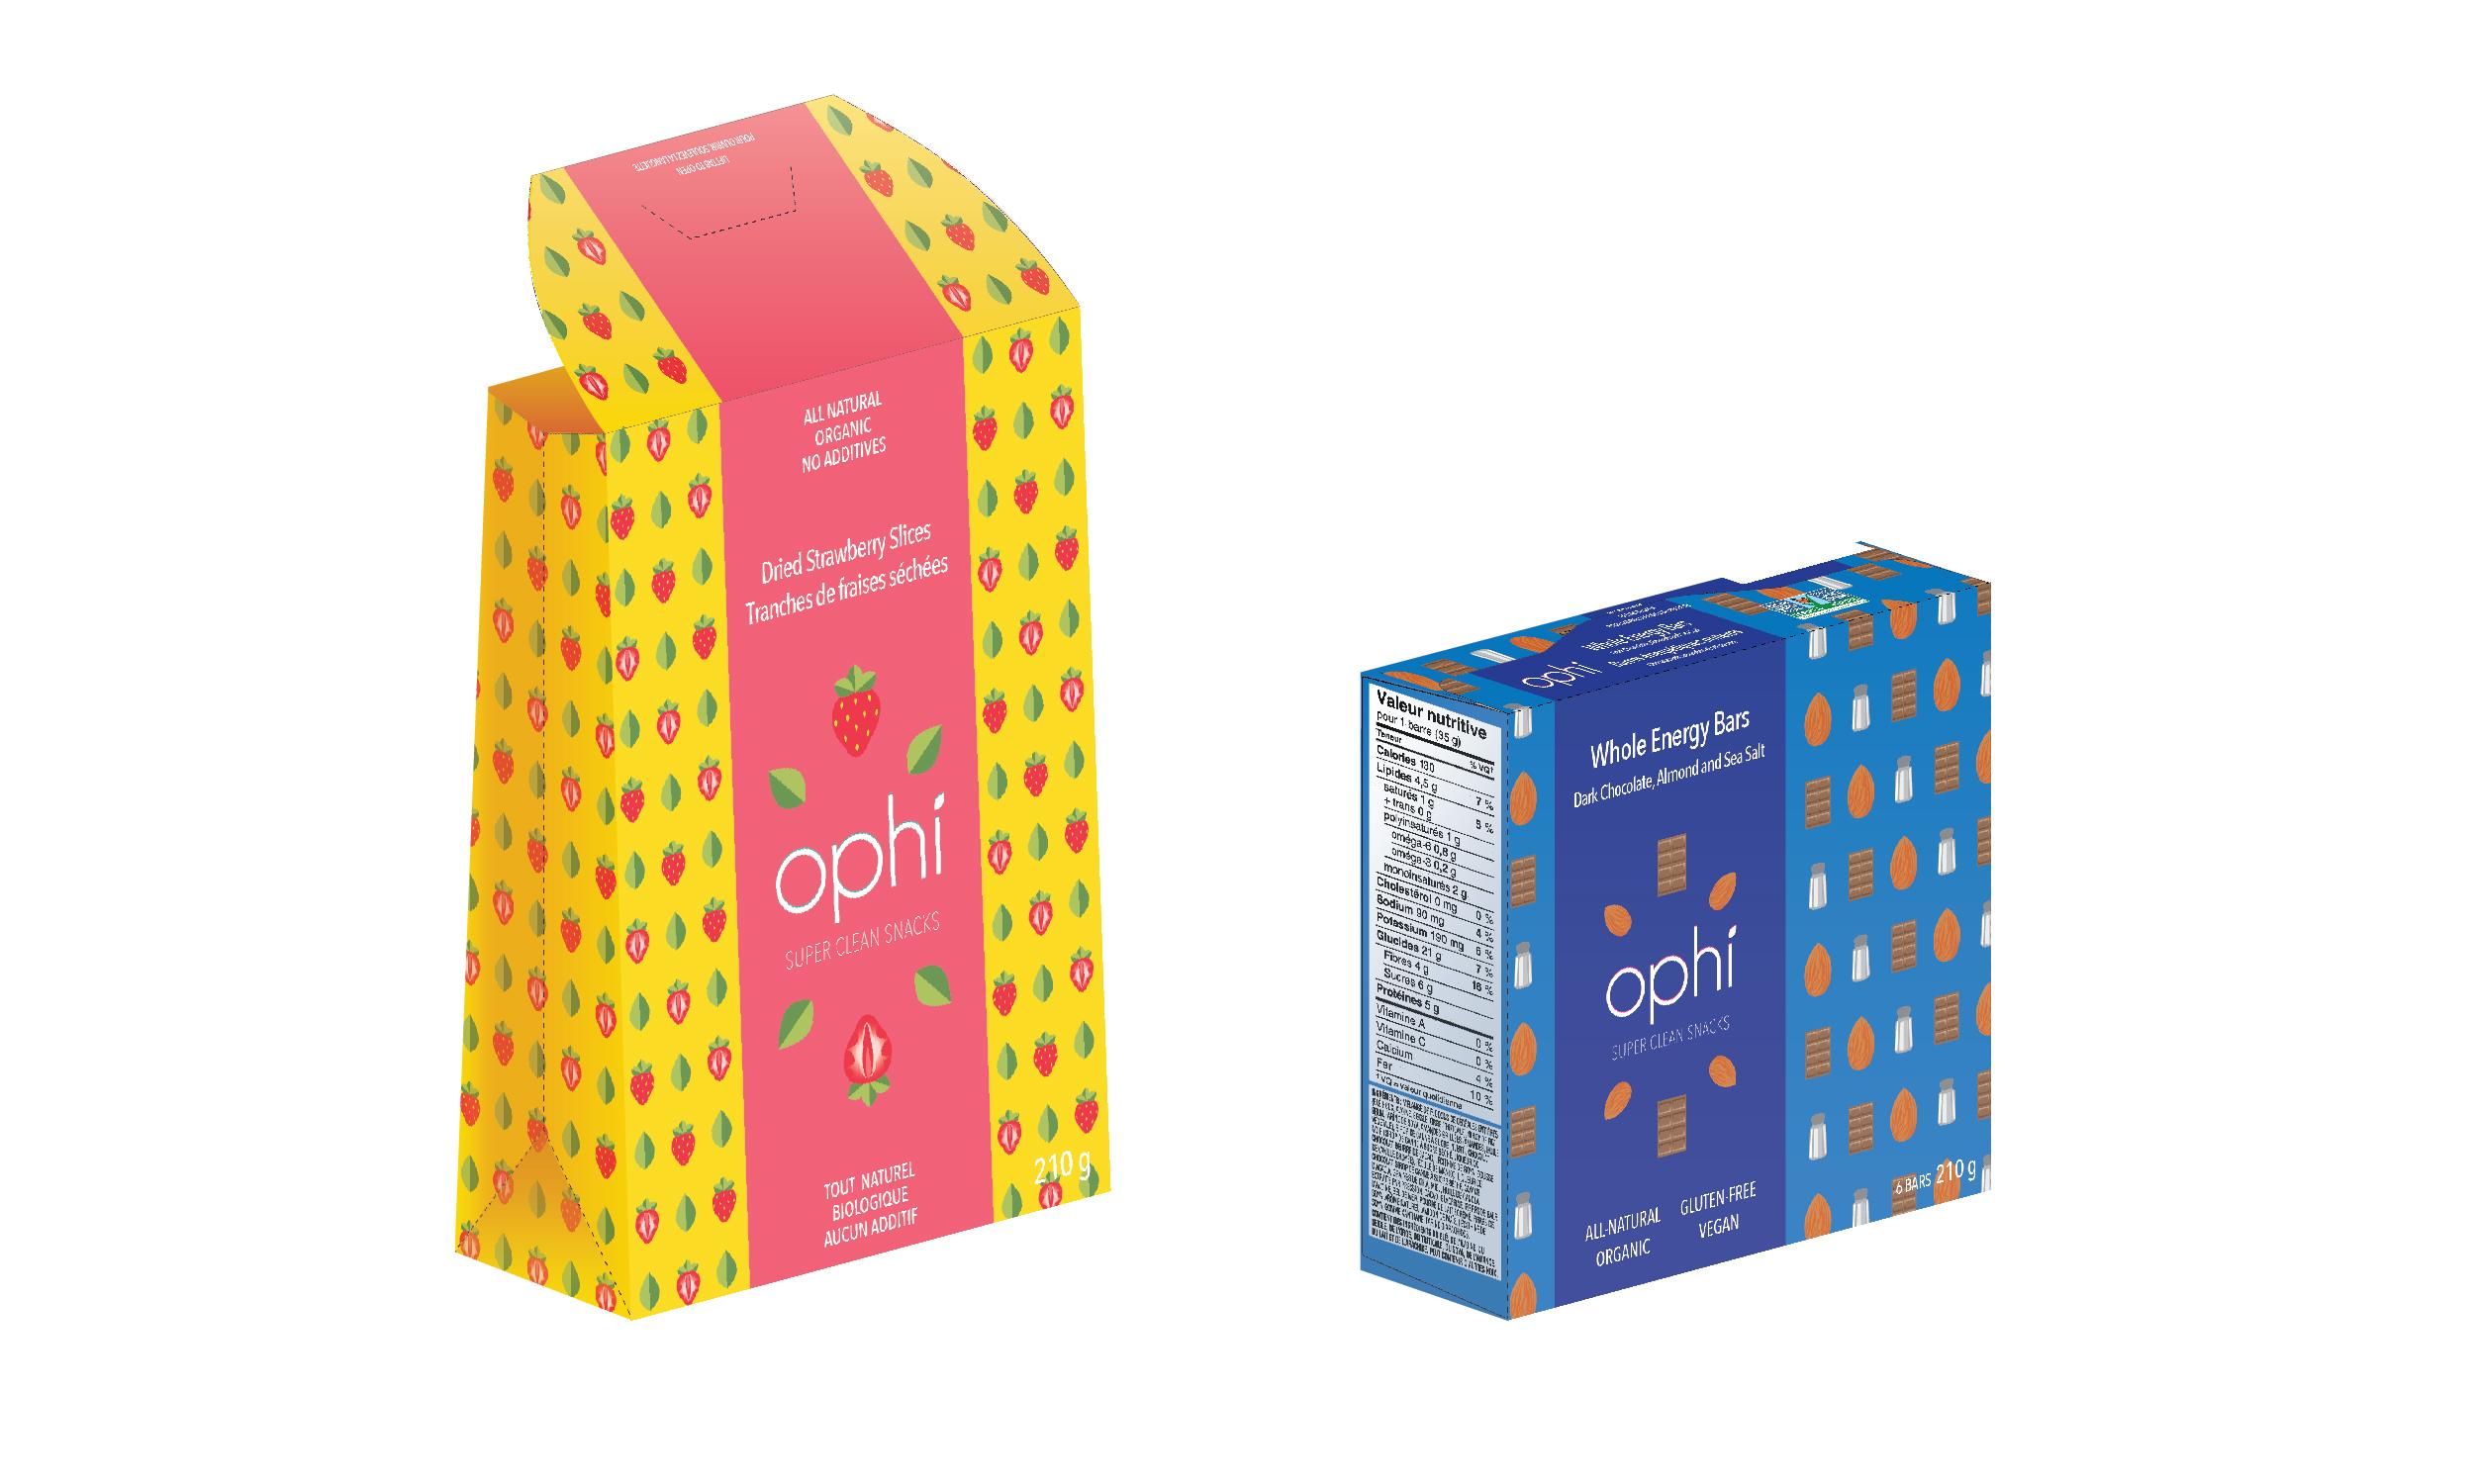 packaging-mockups-01.jpg